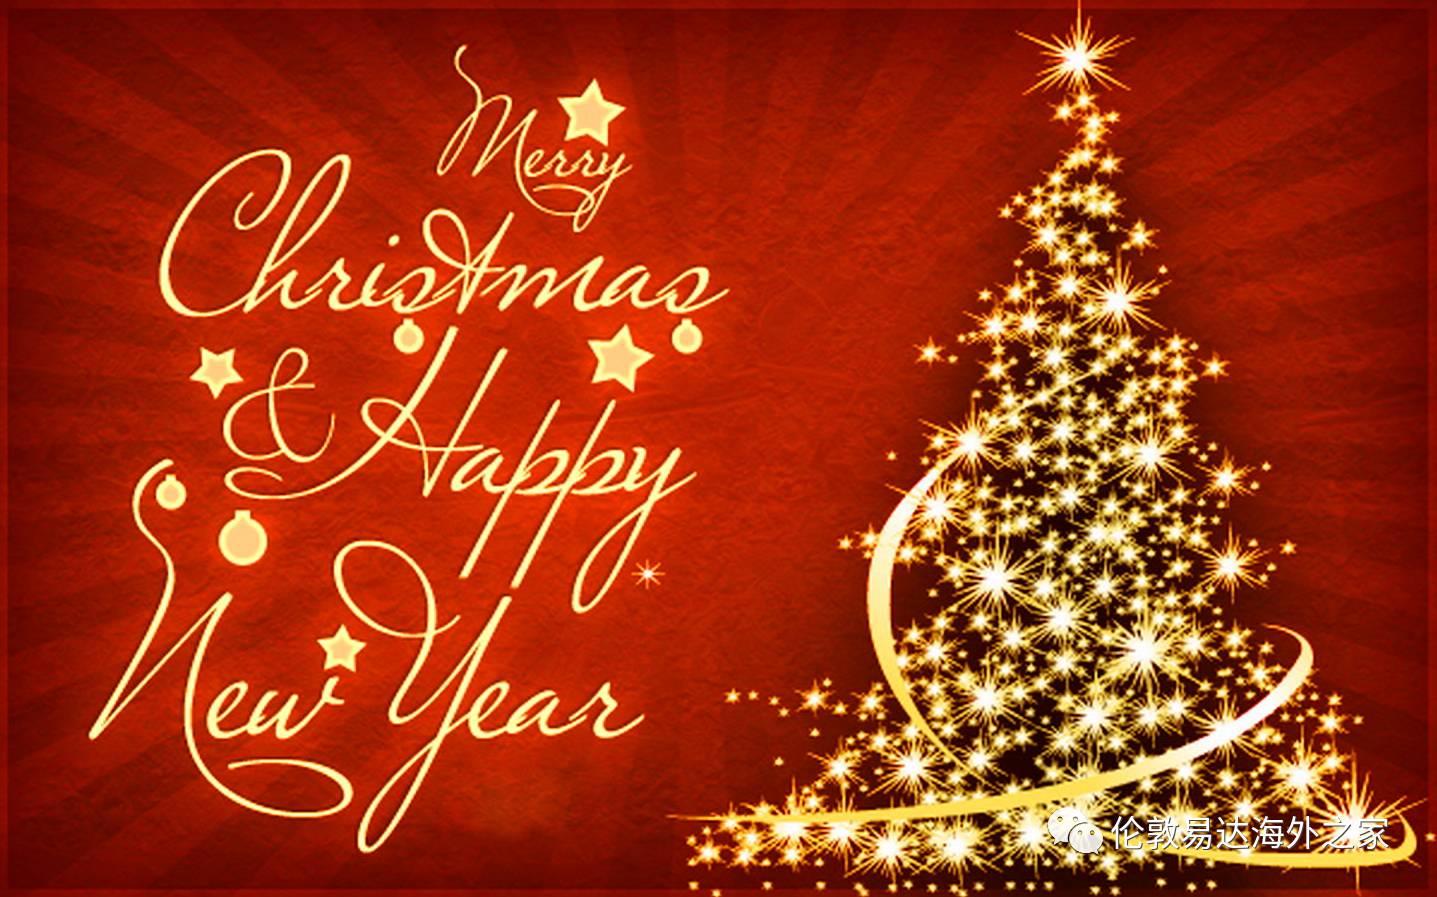 2016年易达圣诞及2017年元旦安排